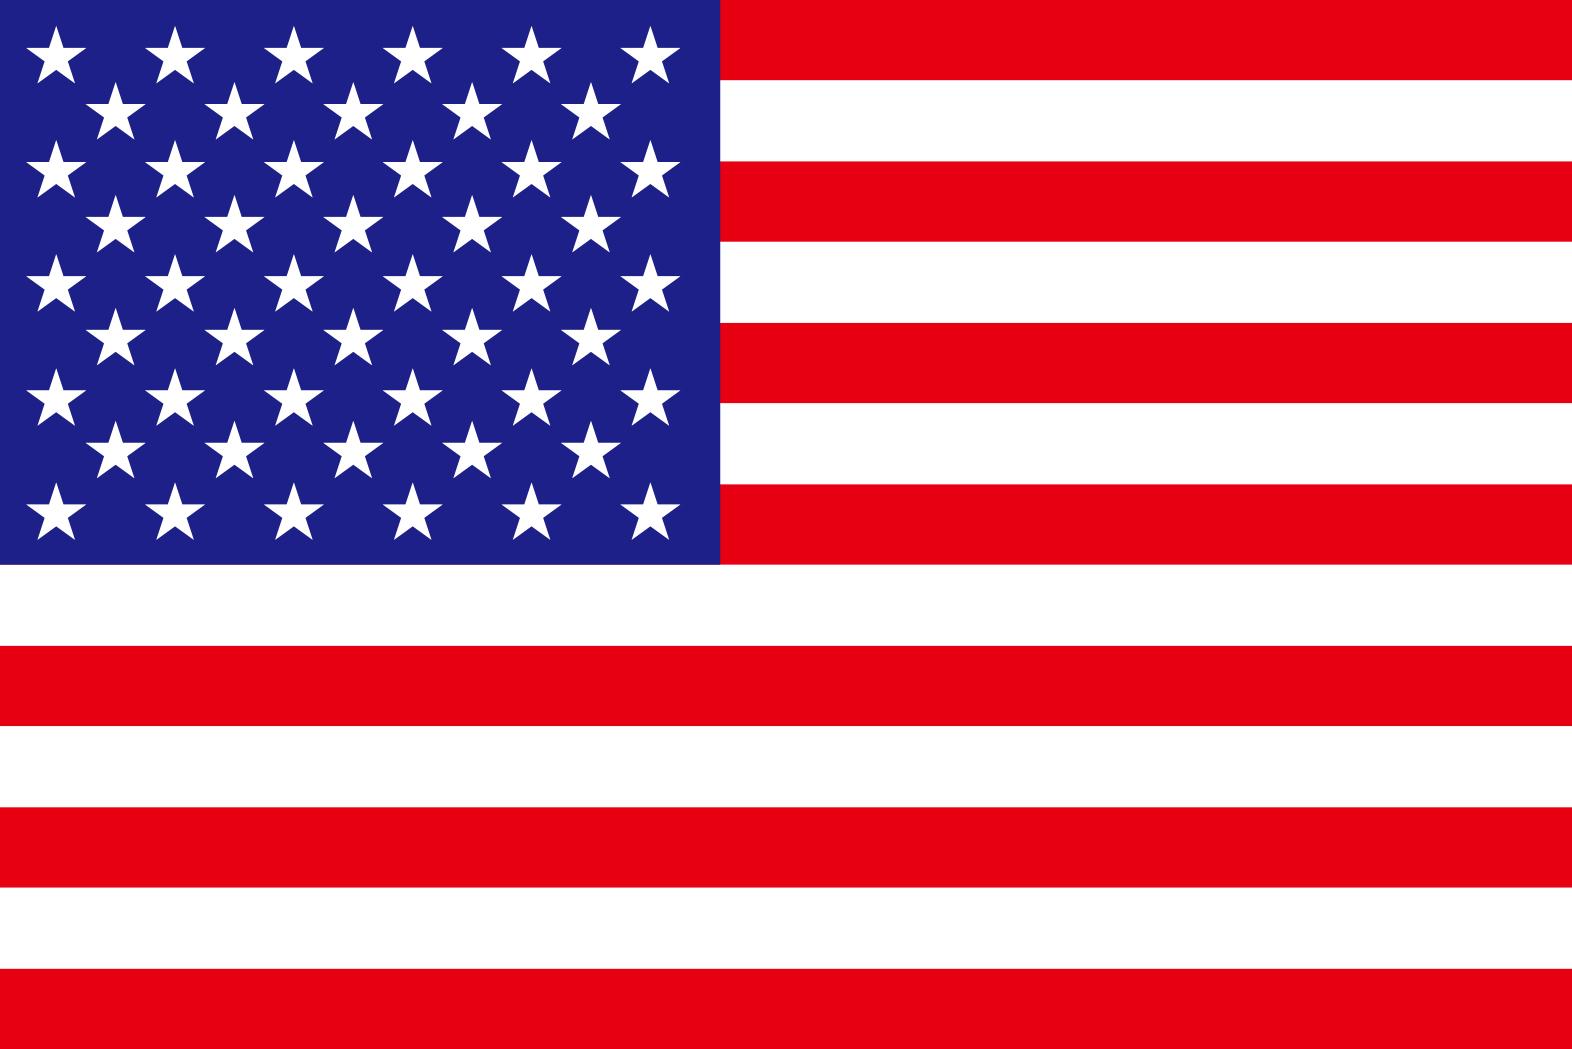 付き合う時、告白しないアメリカ人の恋愛について